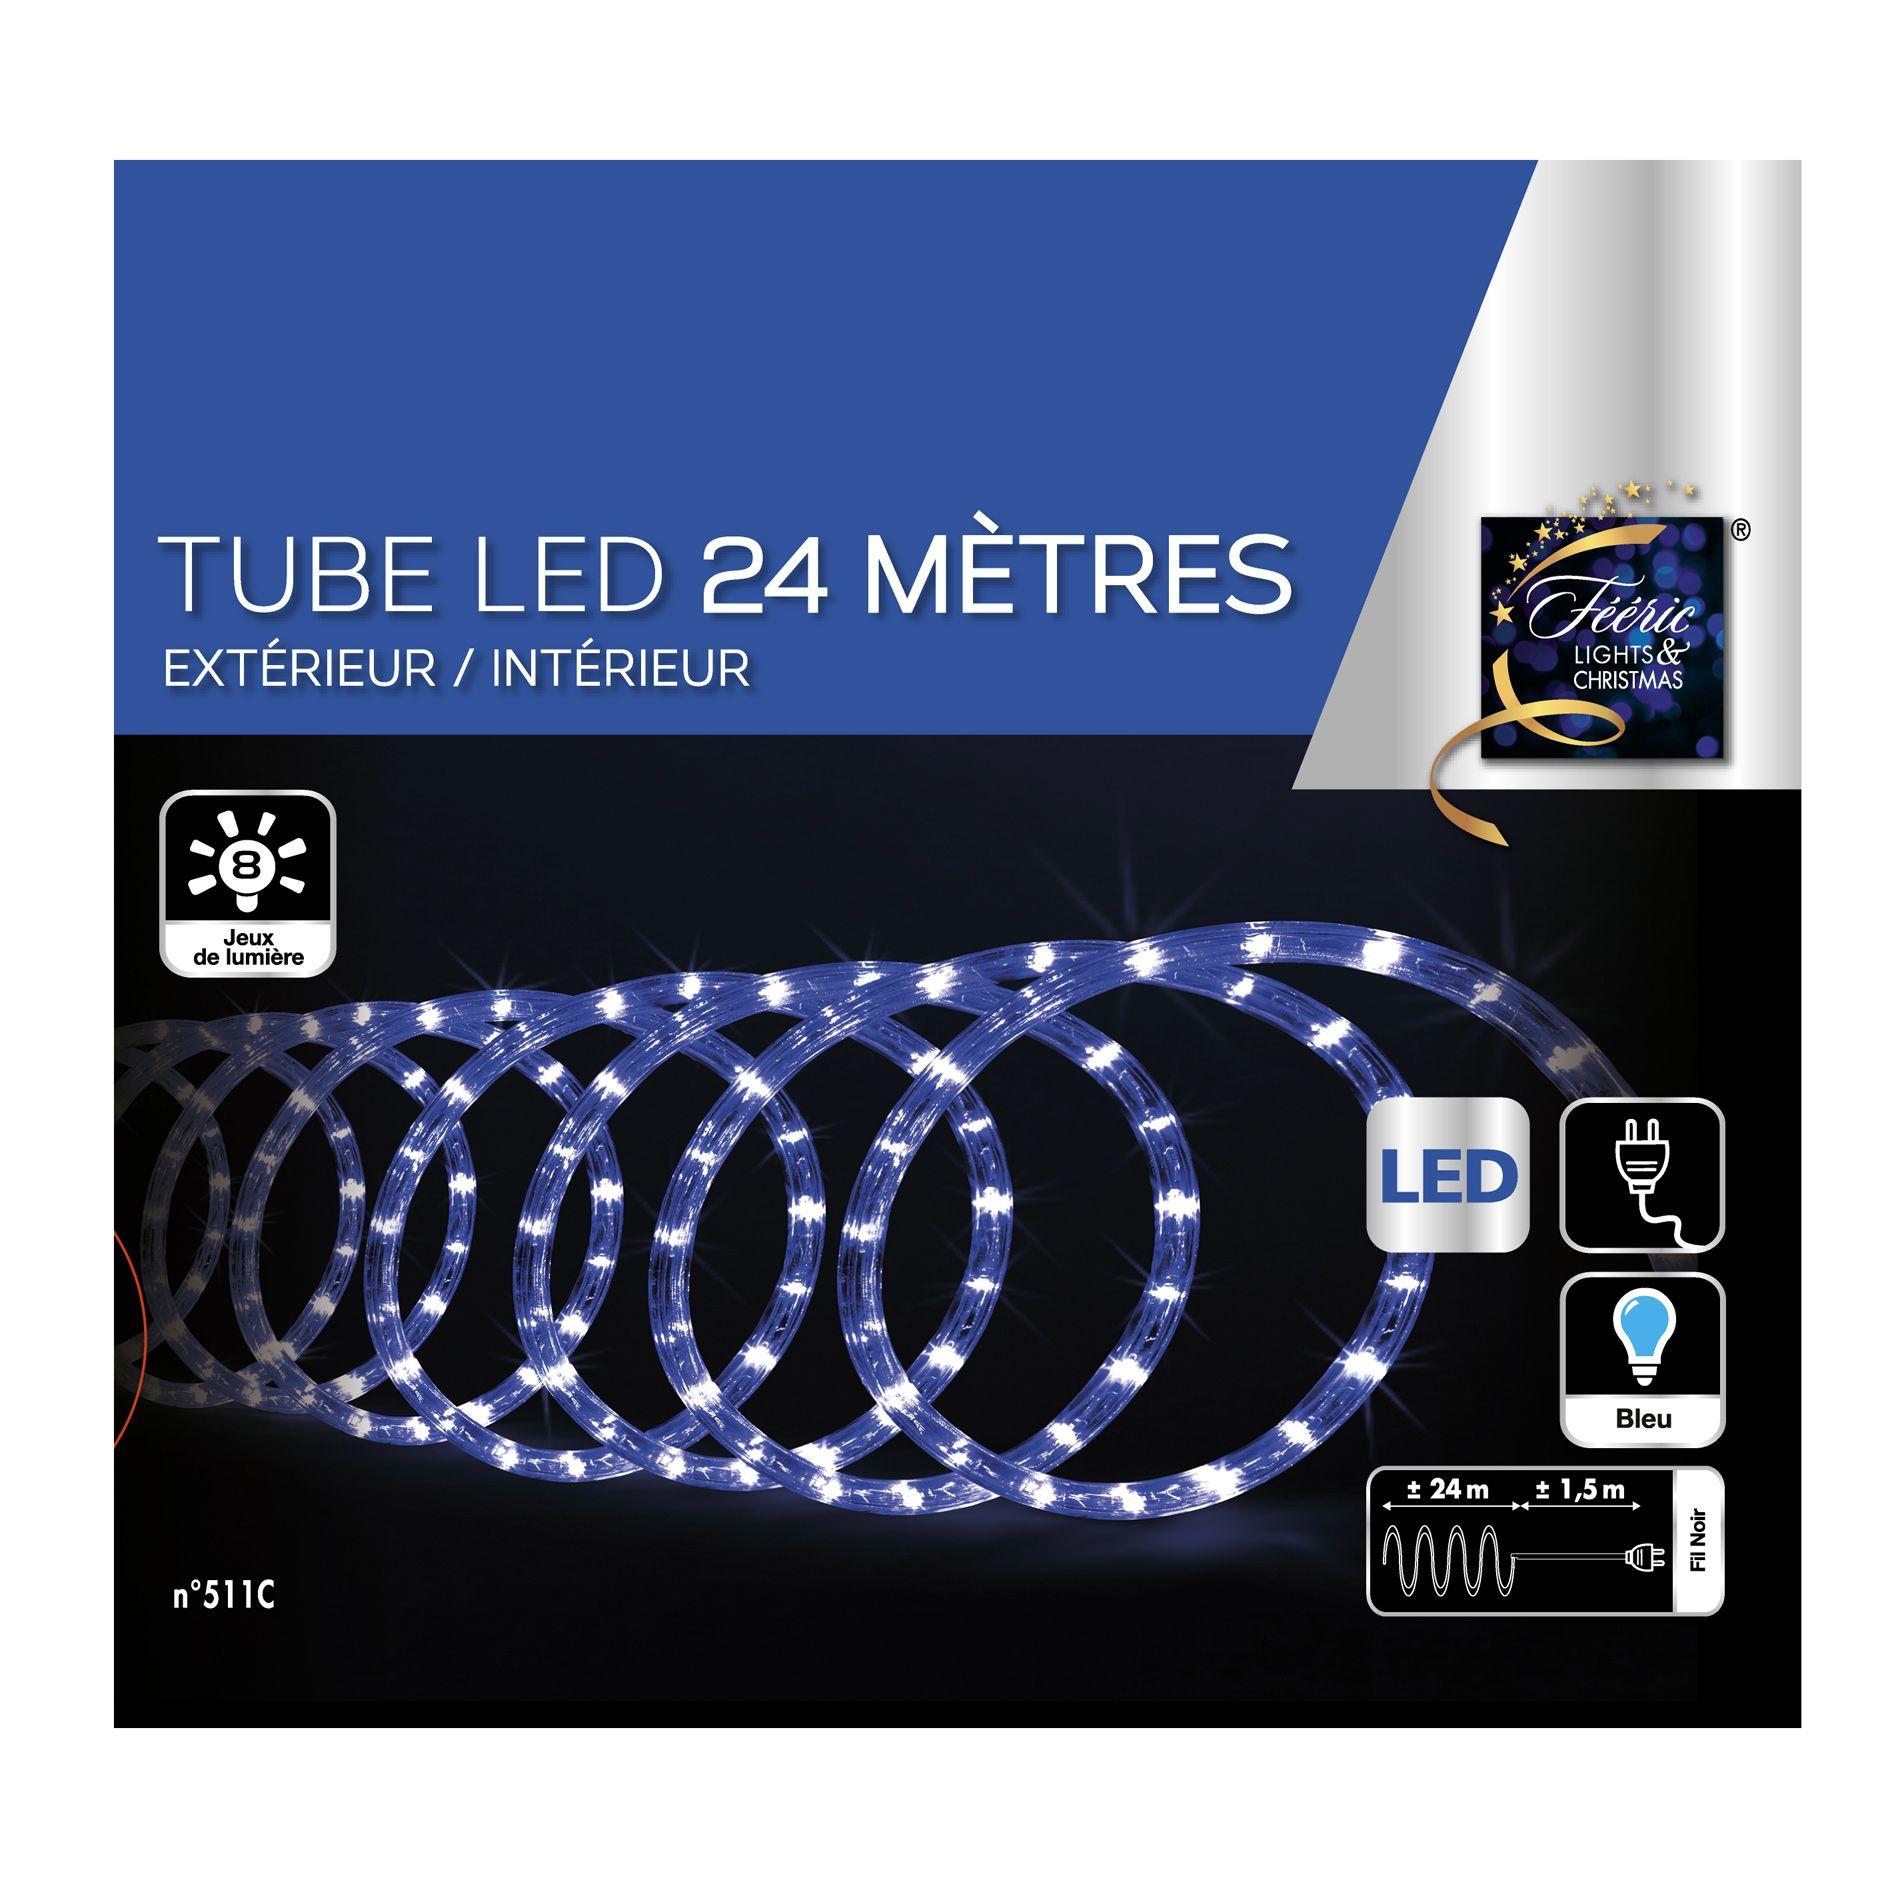 Tube lumineux 24 m bleu 432 led guirlande lumineuse eminza for Tube lumineux led exterieur